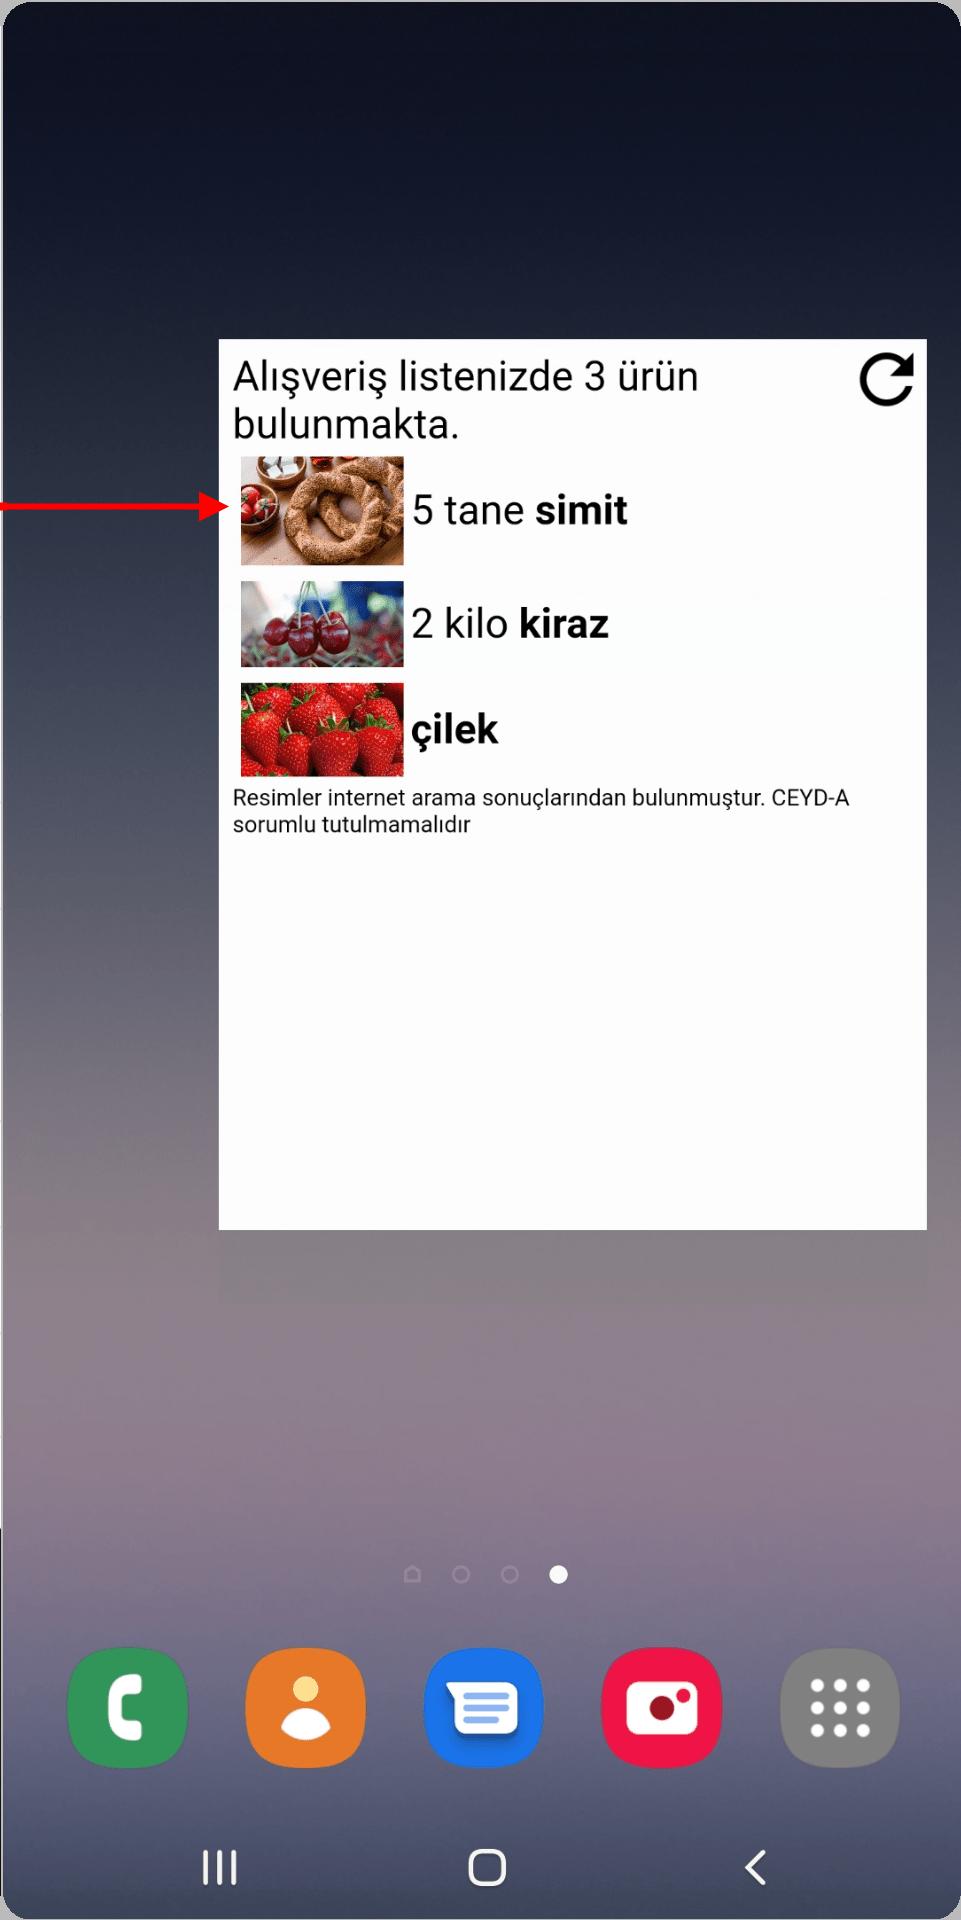 alisverisornek1_2